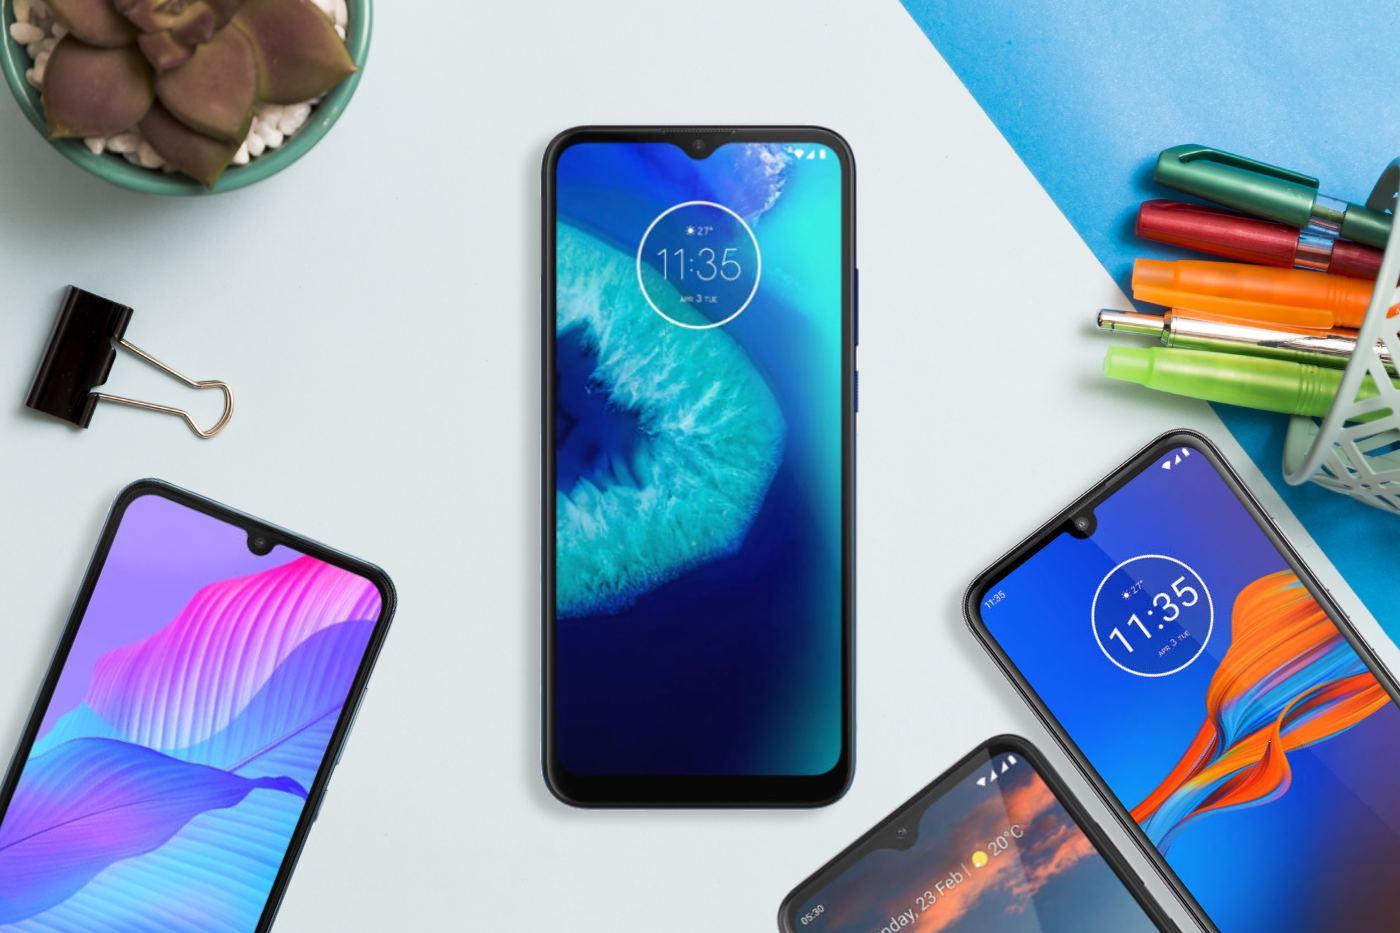 پیشنهاد خرید بهترین گوشی 5 تا 7 میلیون تومان